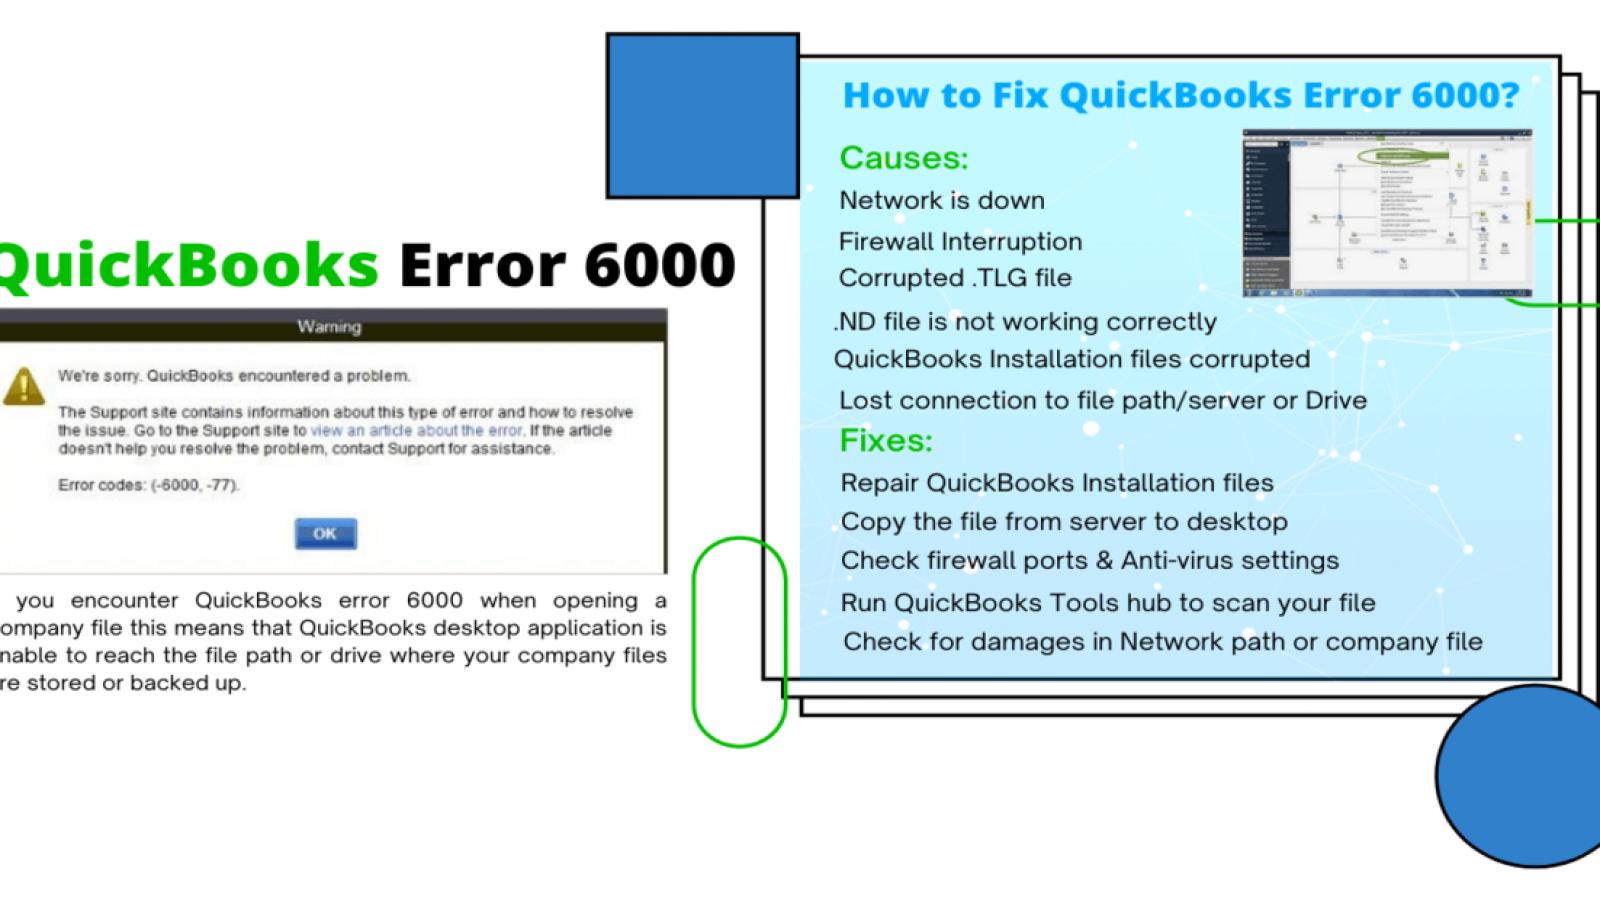 QuickBooks error 6000 Fixed